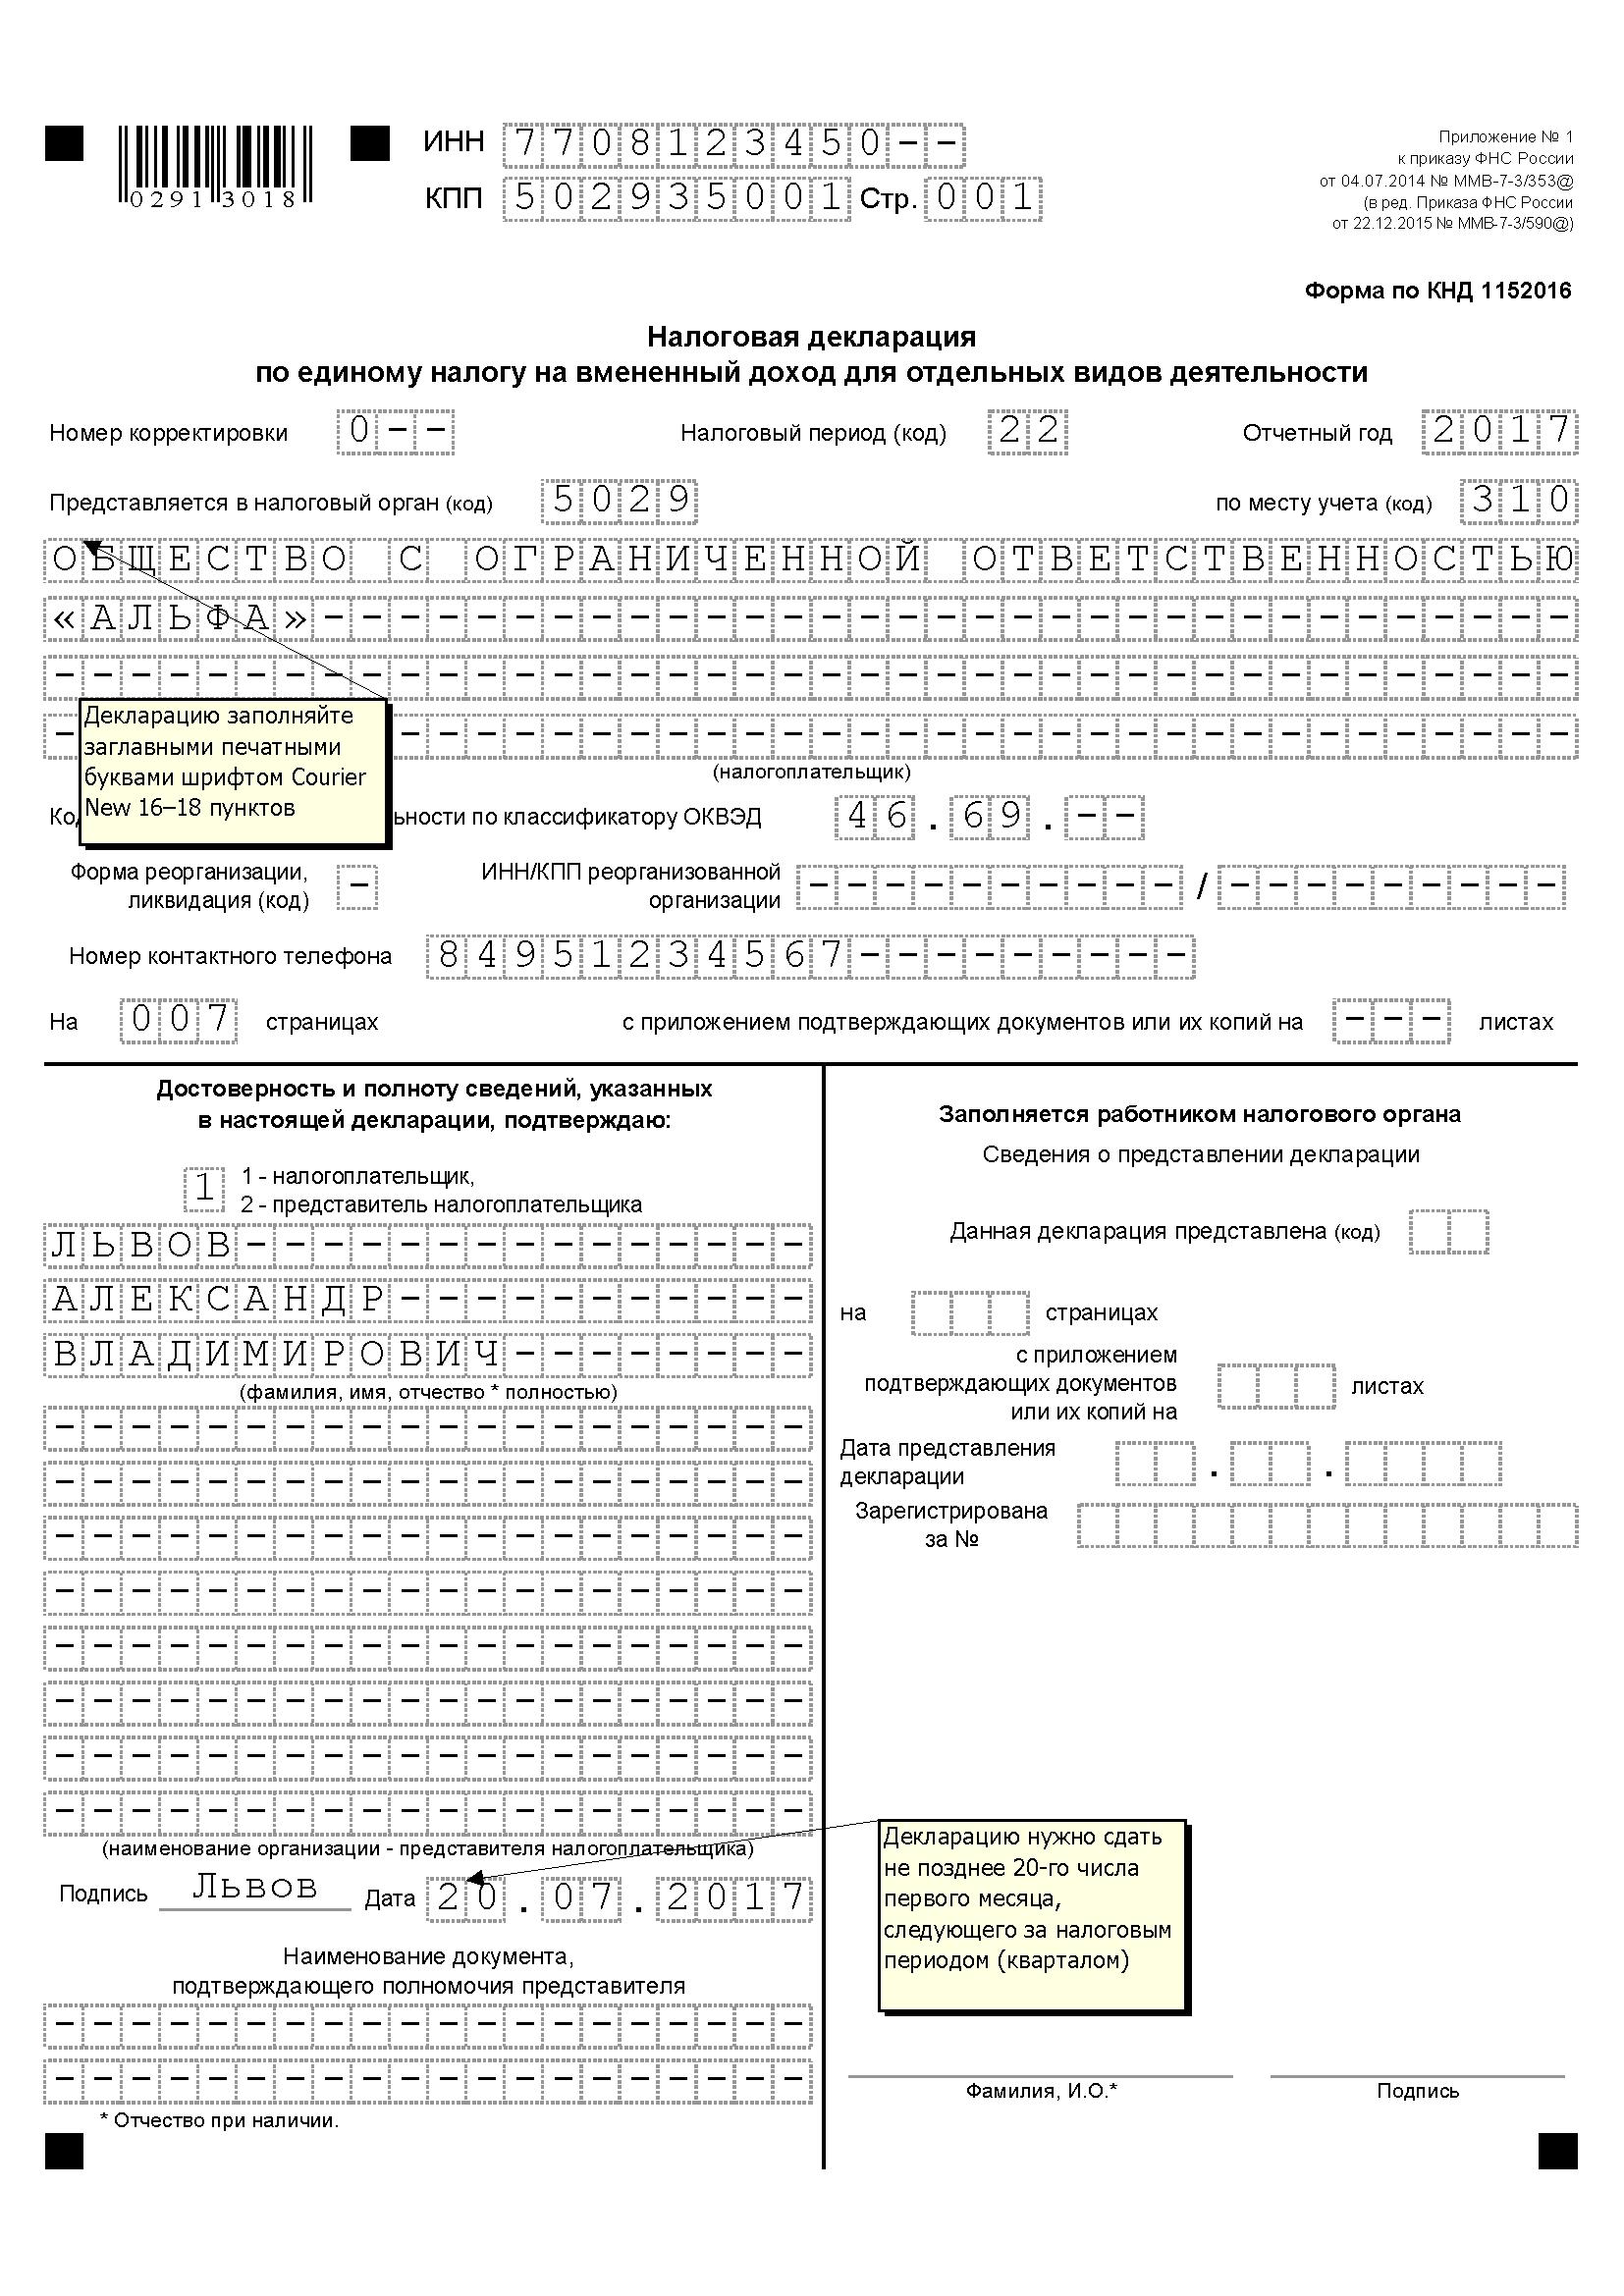 Пример заполнения декларации по ЕНВД в 2017 году